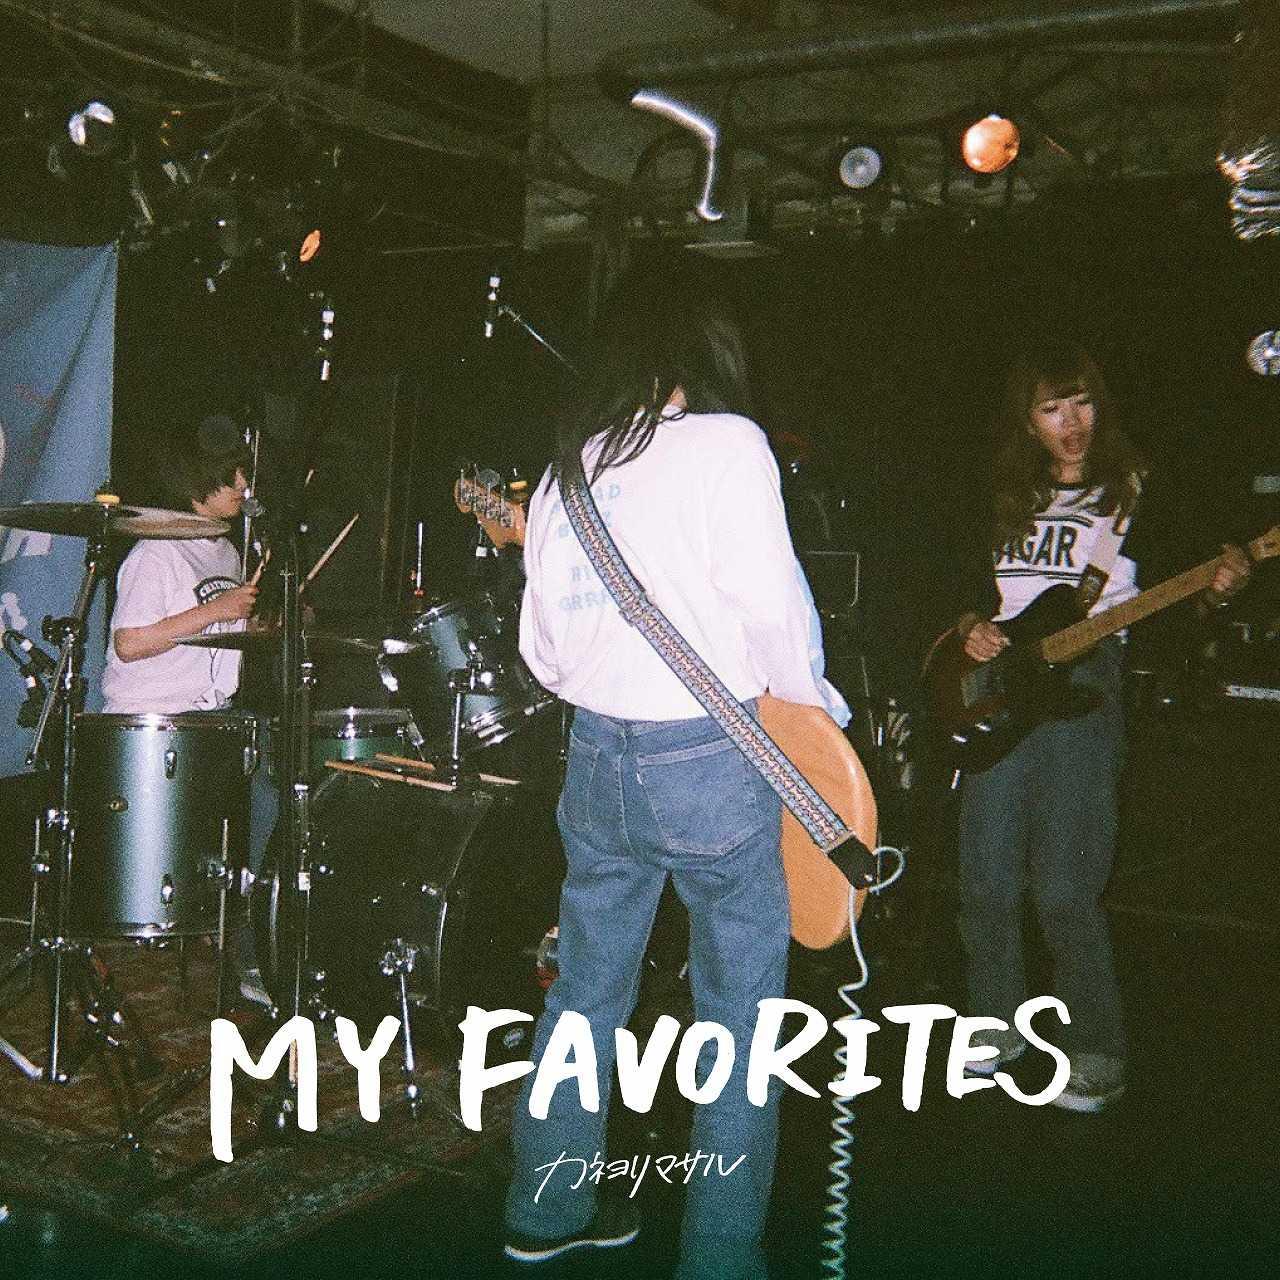 配信アルバム『MY FAVORITES』